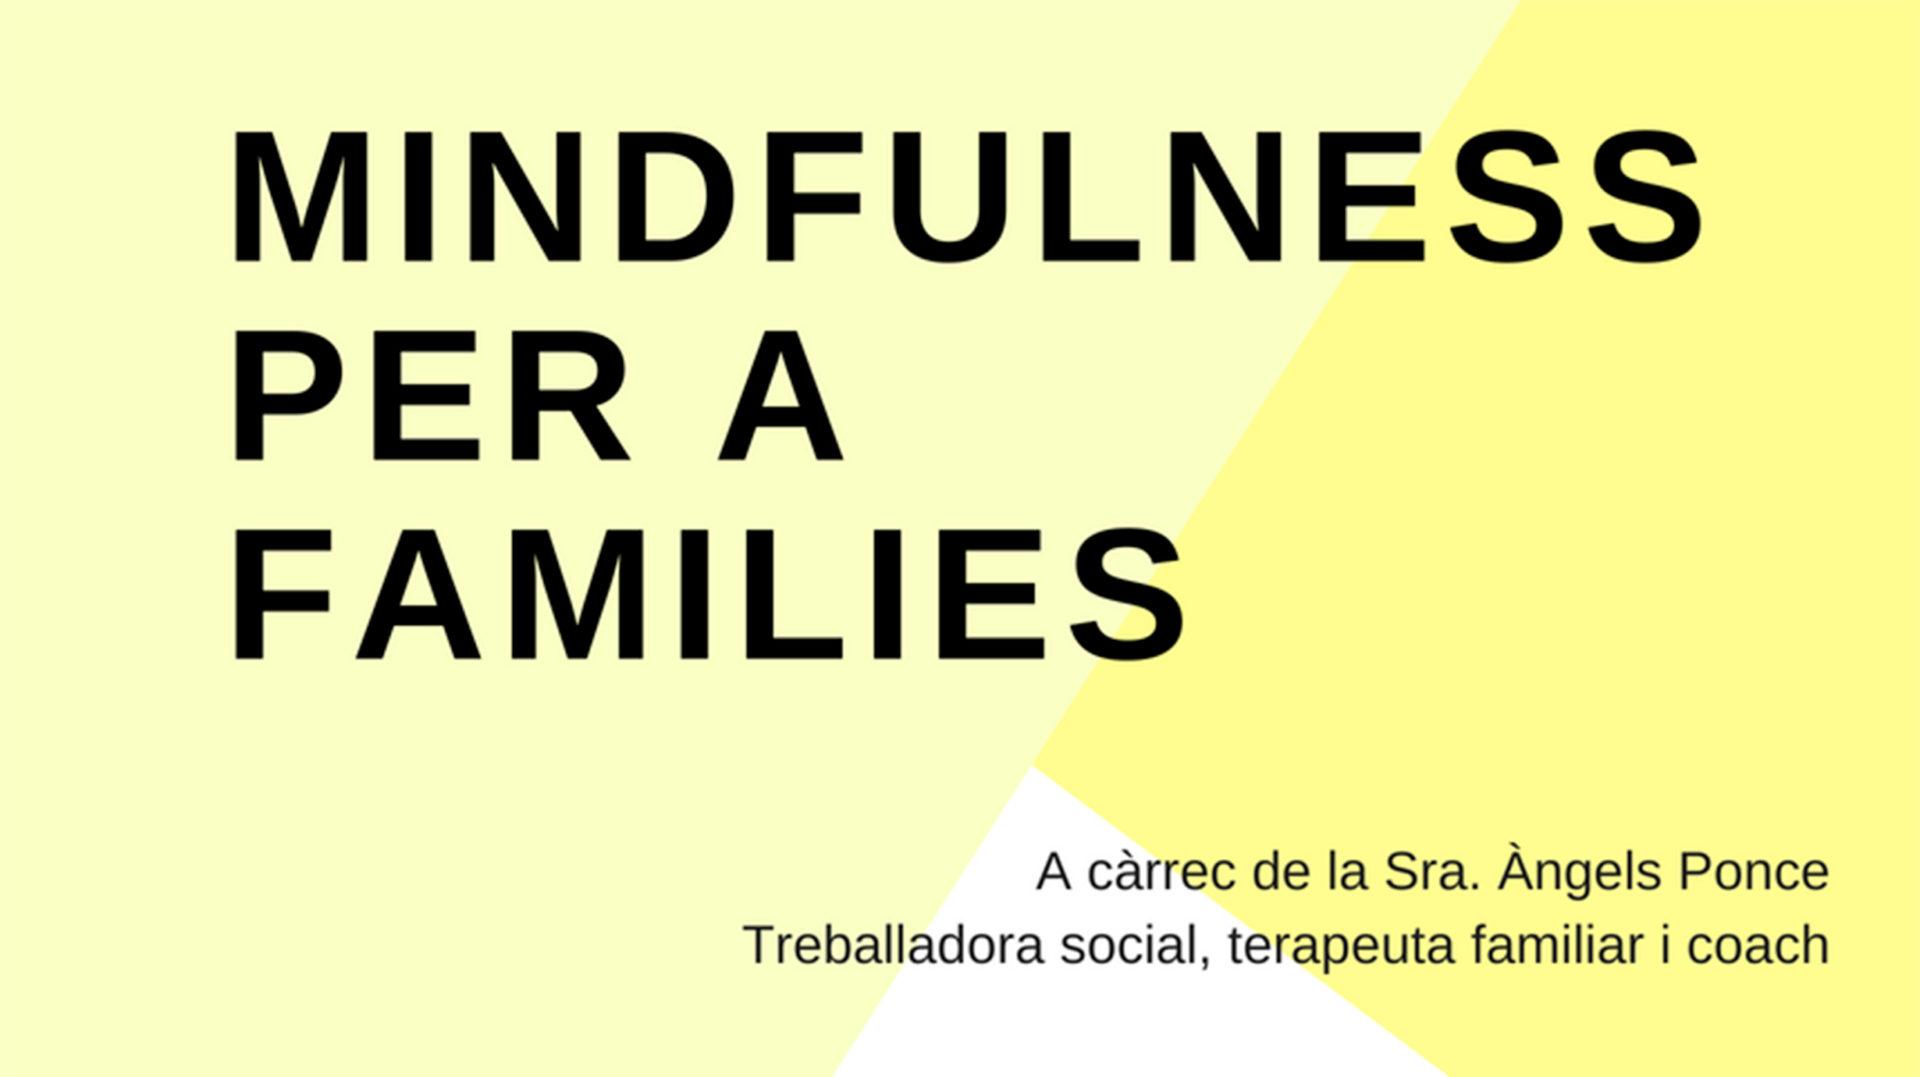 Mindfulness per a famílies